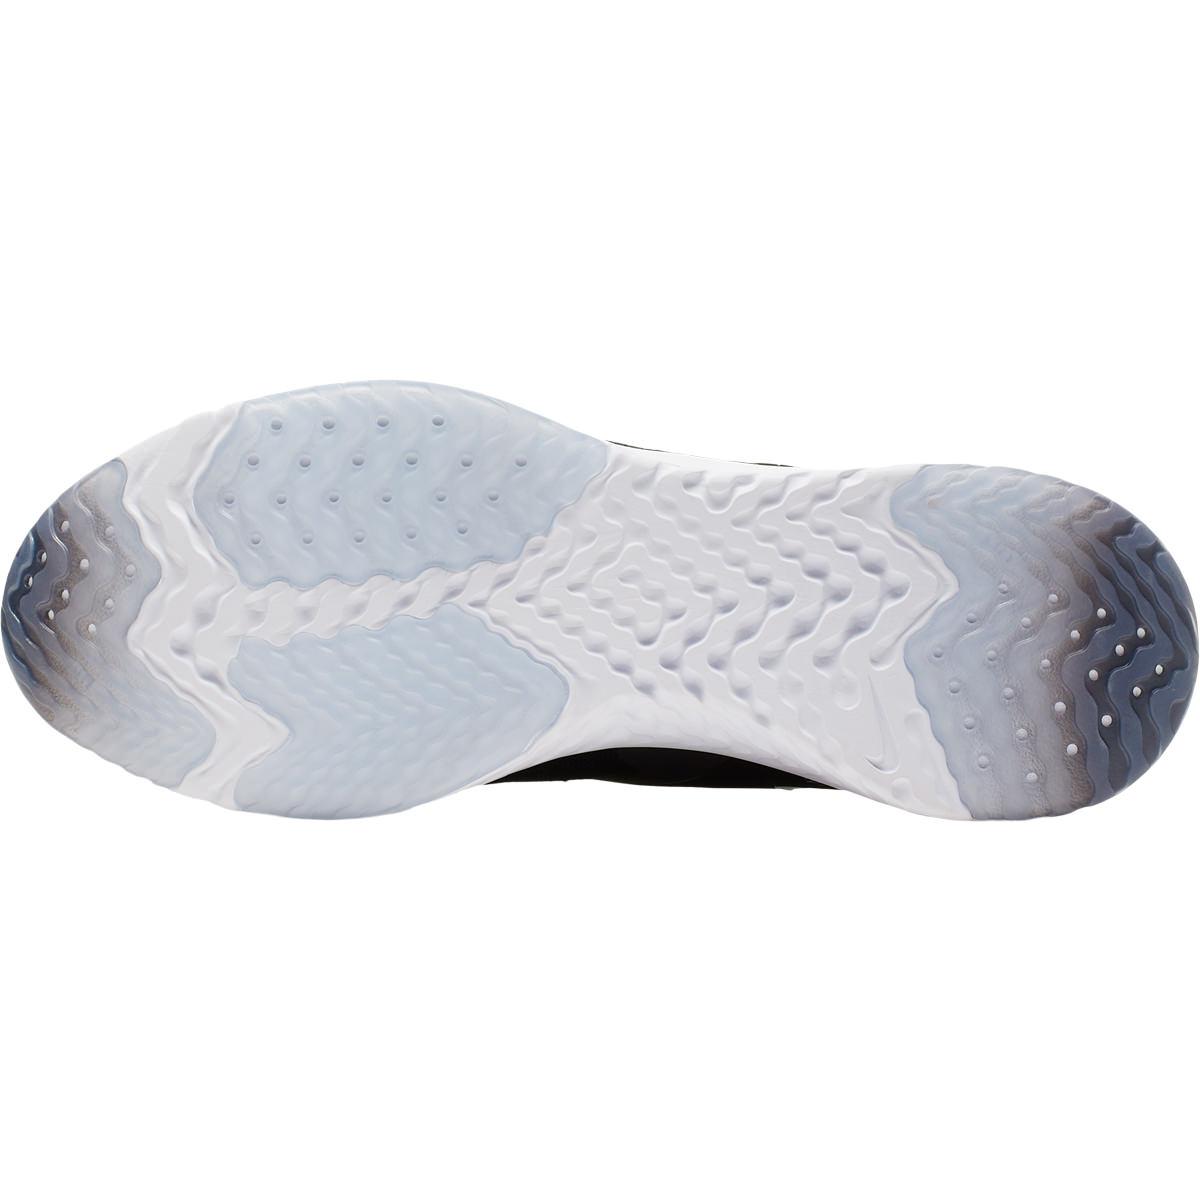 Nike Odyssey React 2 Flyknit Graphic Løbesko Herre